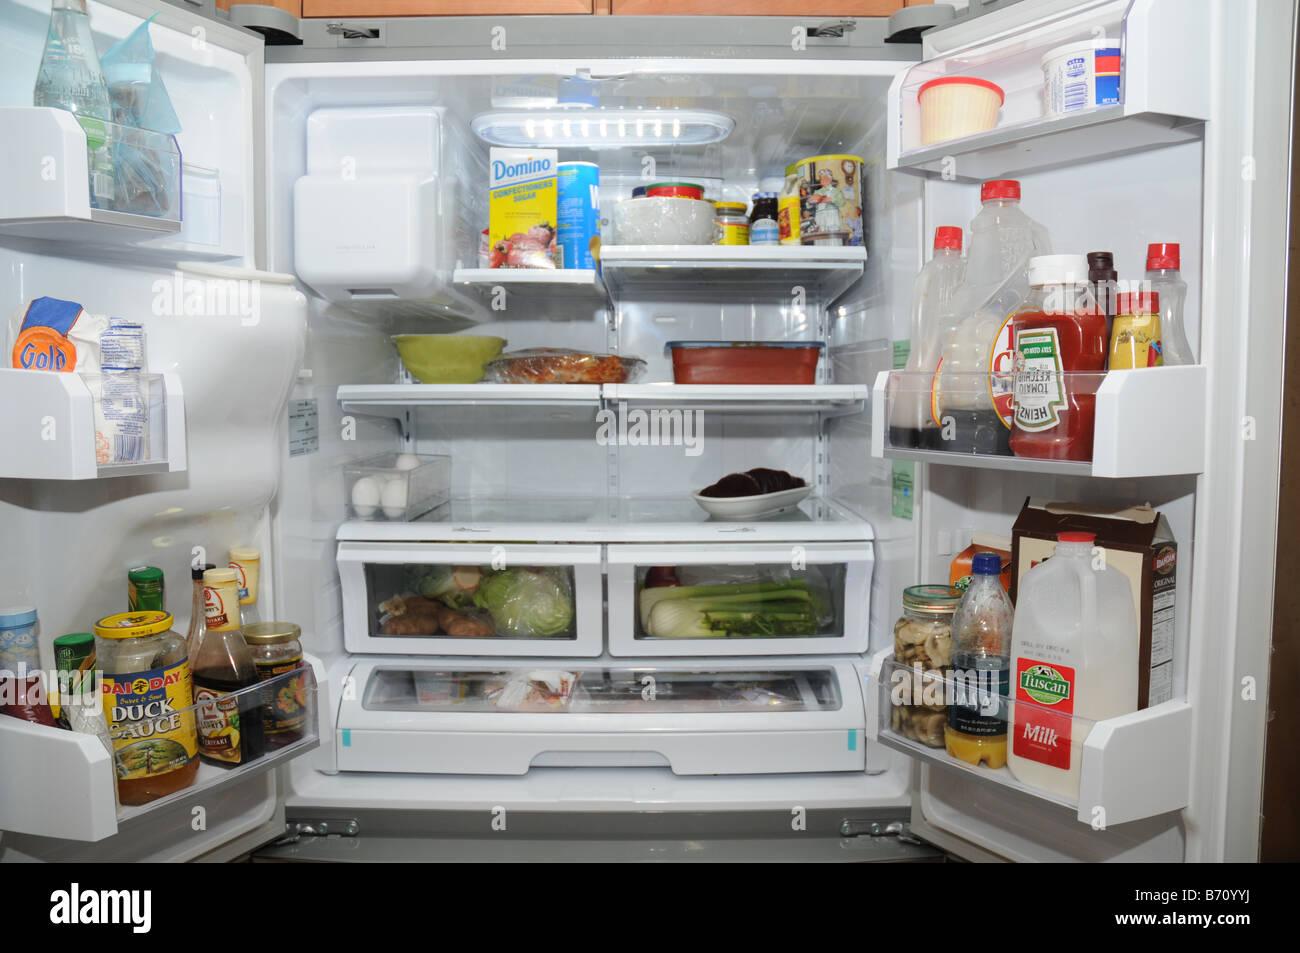 Kühlschrank Doppeltür : Amerikanische kühlschränke amerikanischer kühlschrank side by side